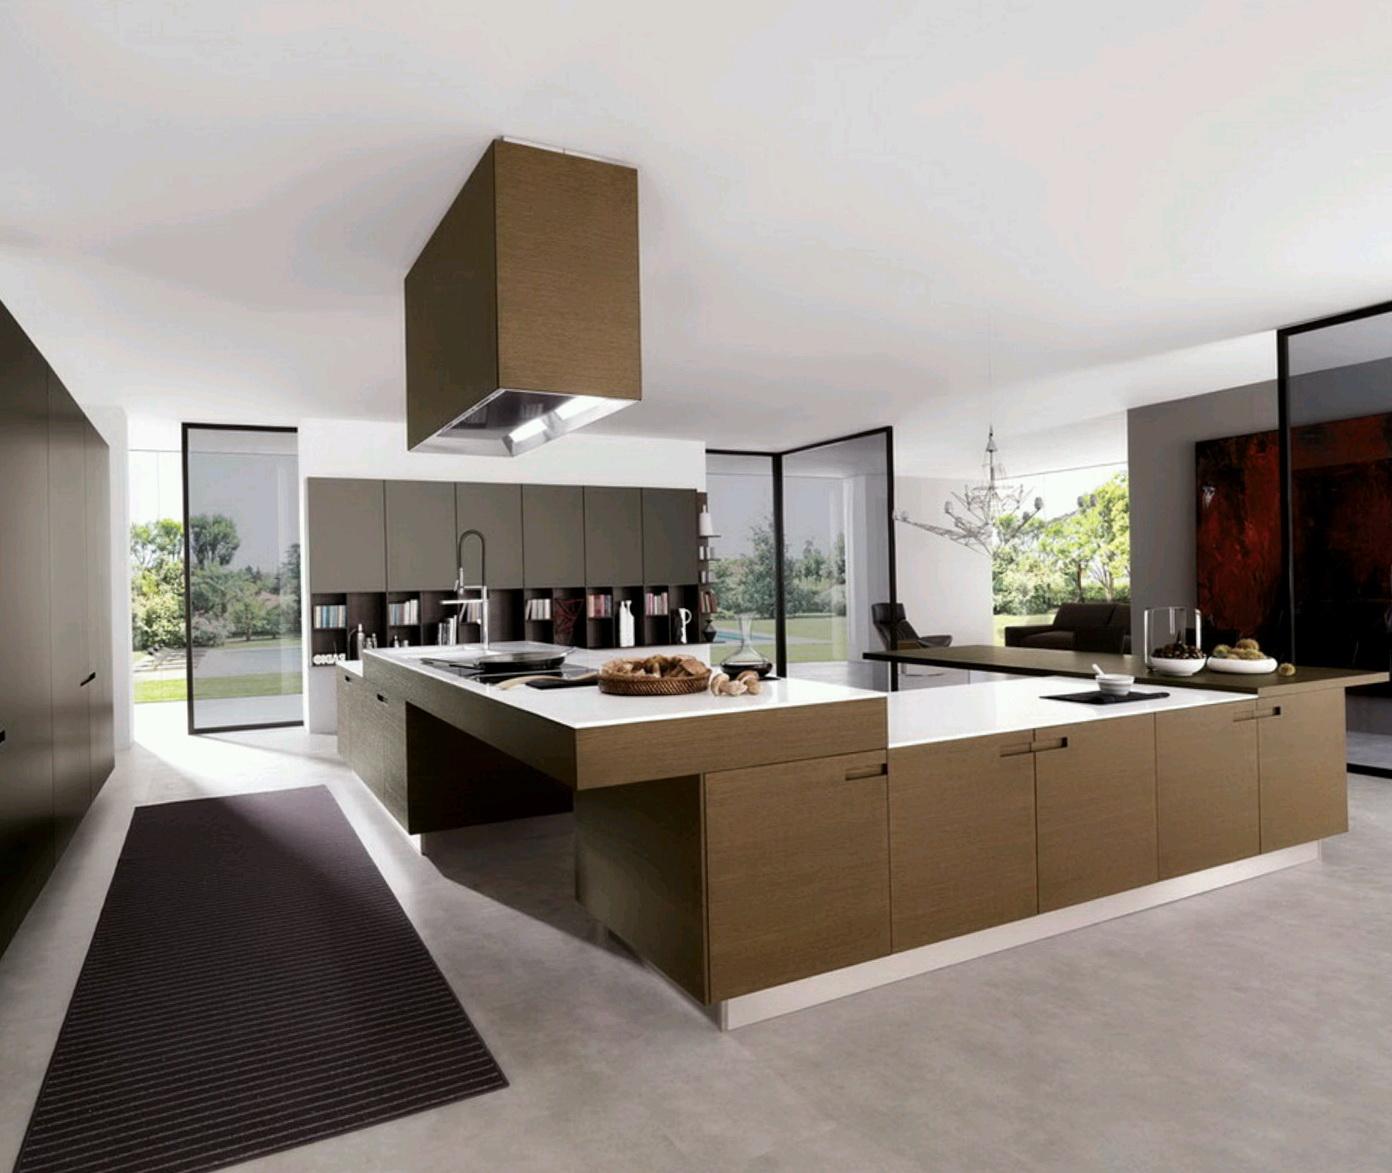 Best Kitchen Cabinets Designbest Kitchen Cabinets Design